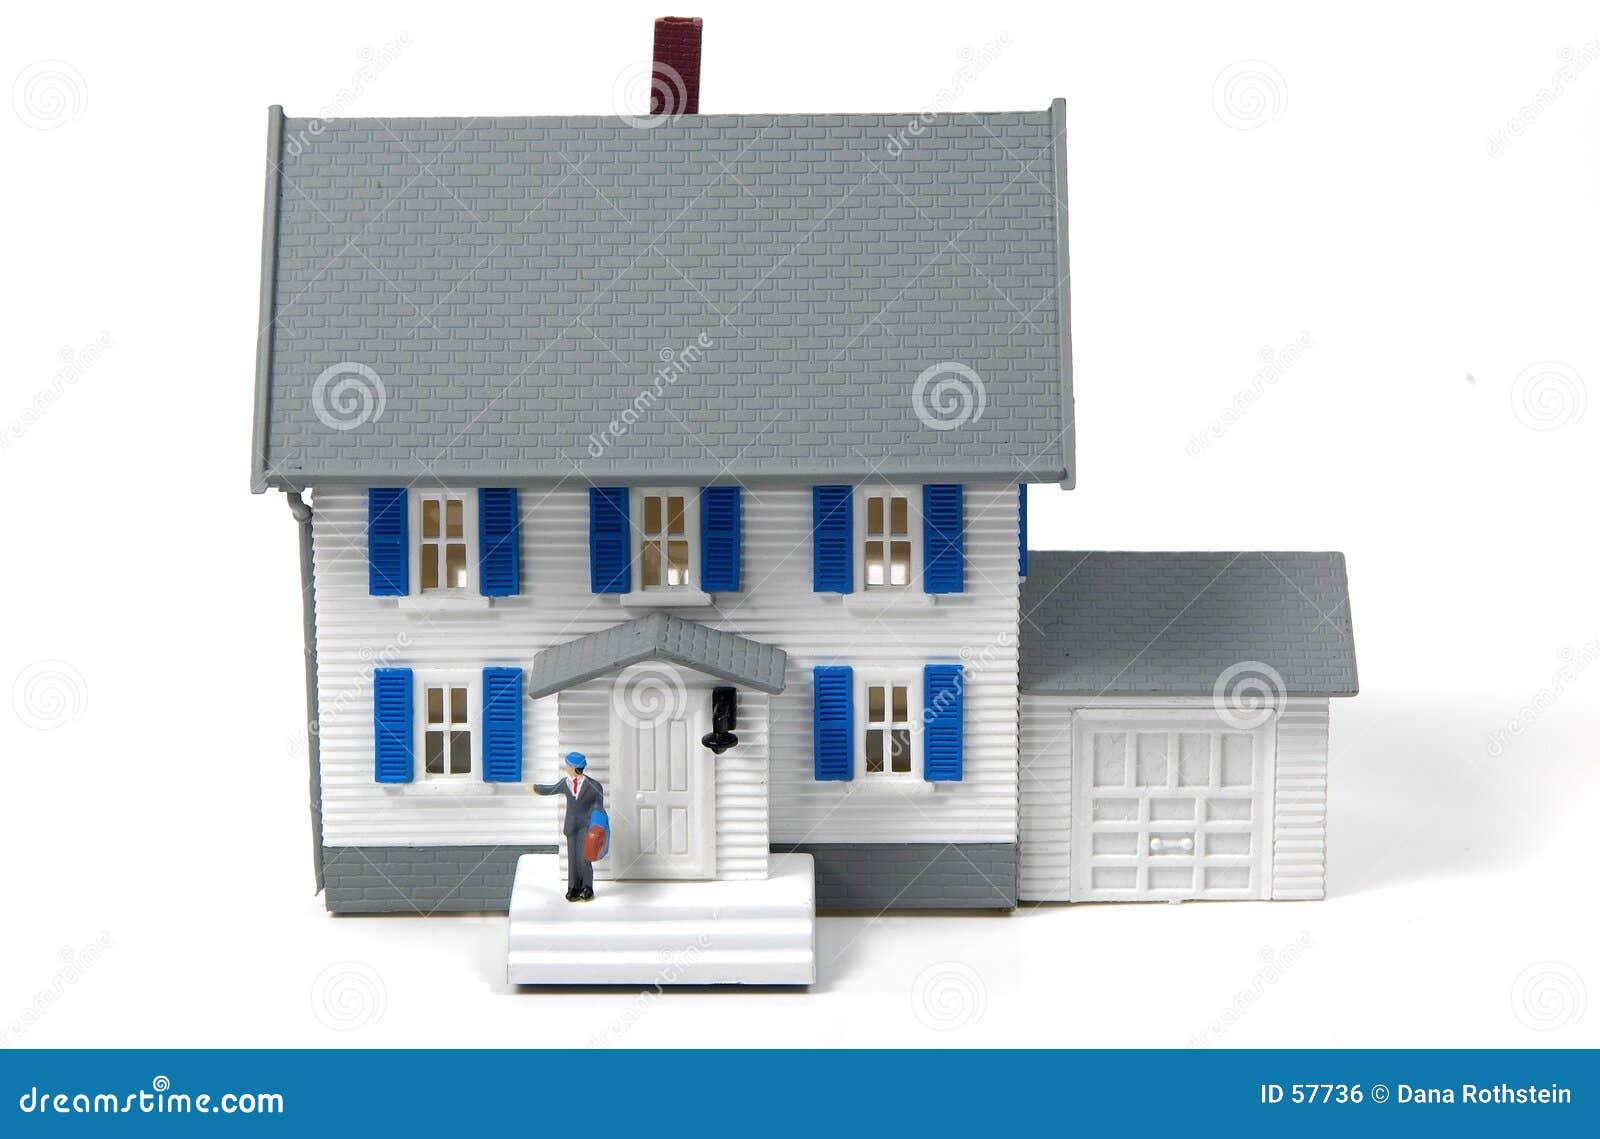 Właściciel domu.